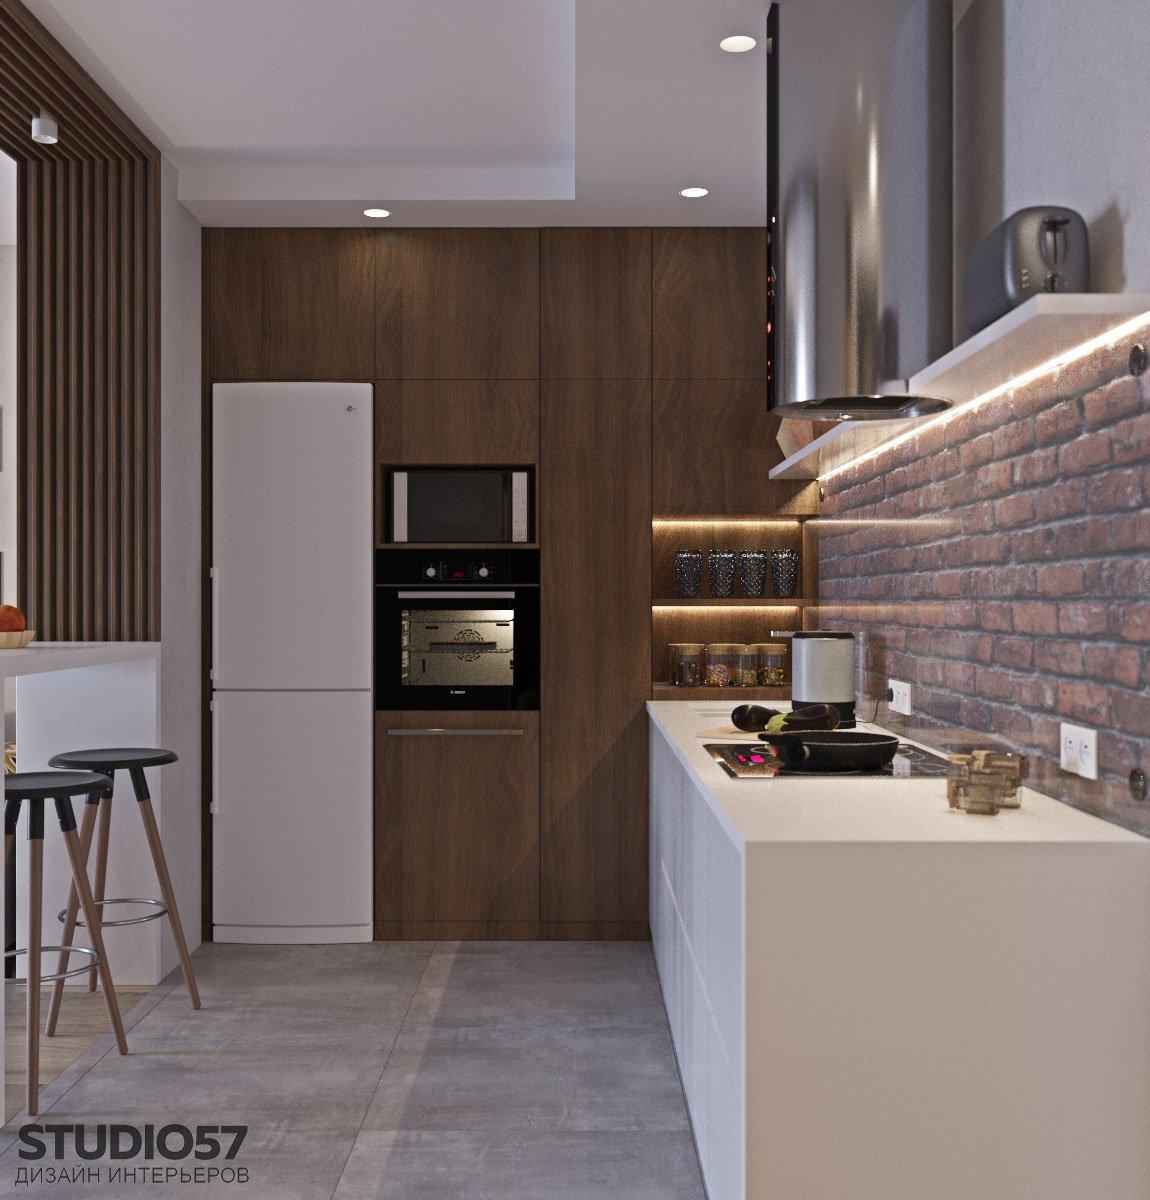 Встроенная техника в шкаф кухни